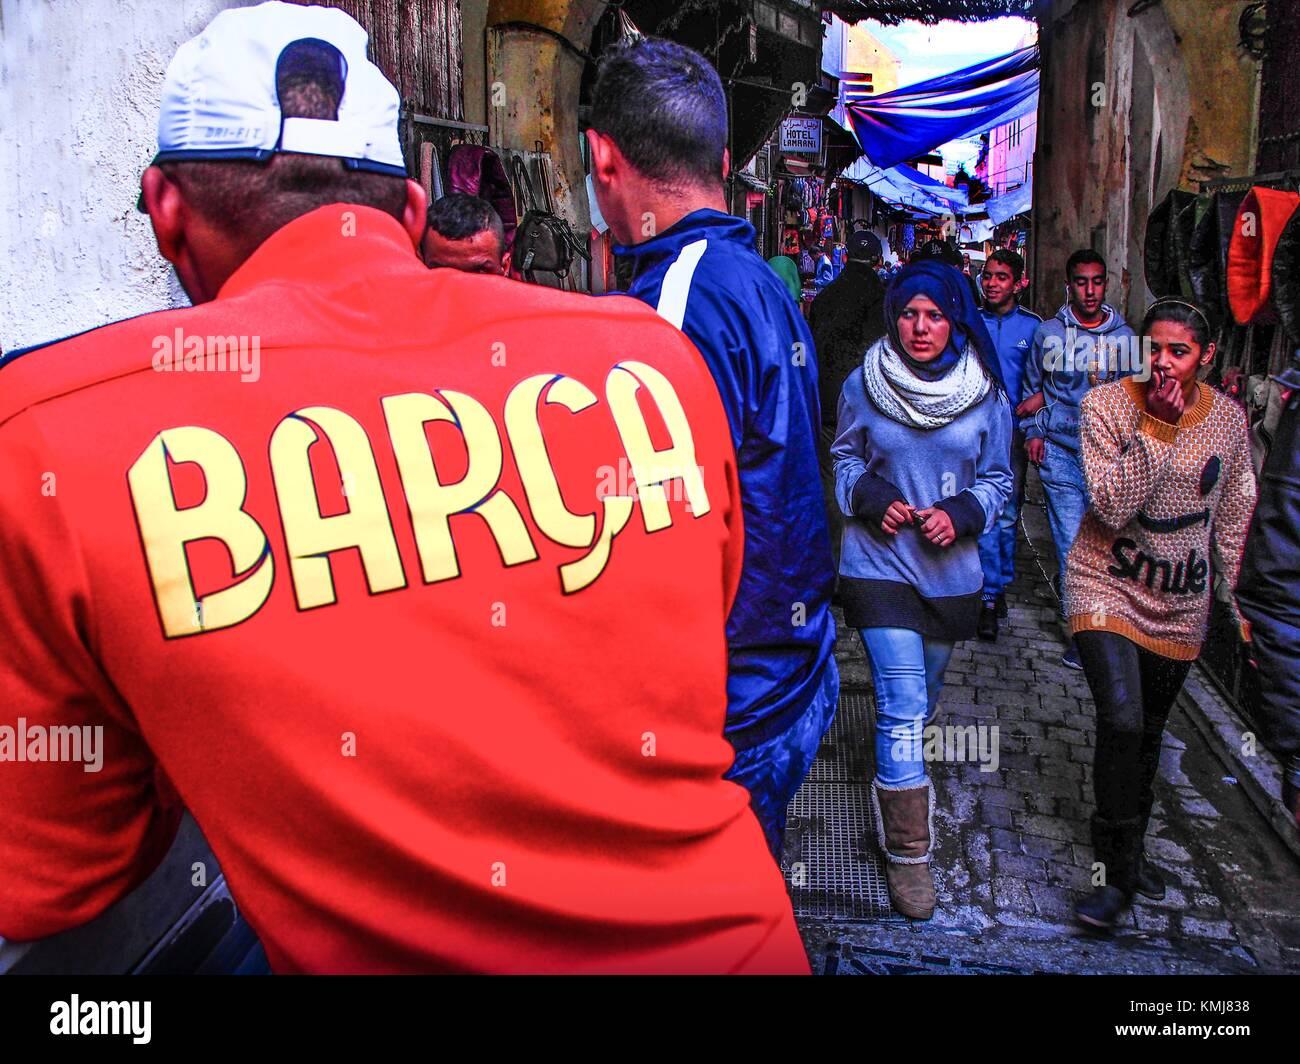 Marruecos, Fes, una ''Barça'' (Futbol Club Barcelona) ventilador en el ''Medina'' Imagen De Stock